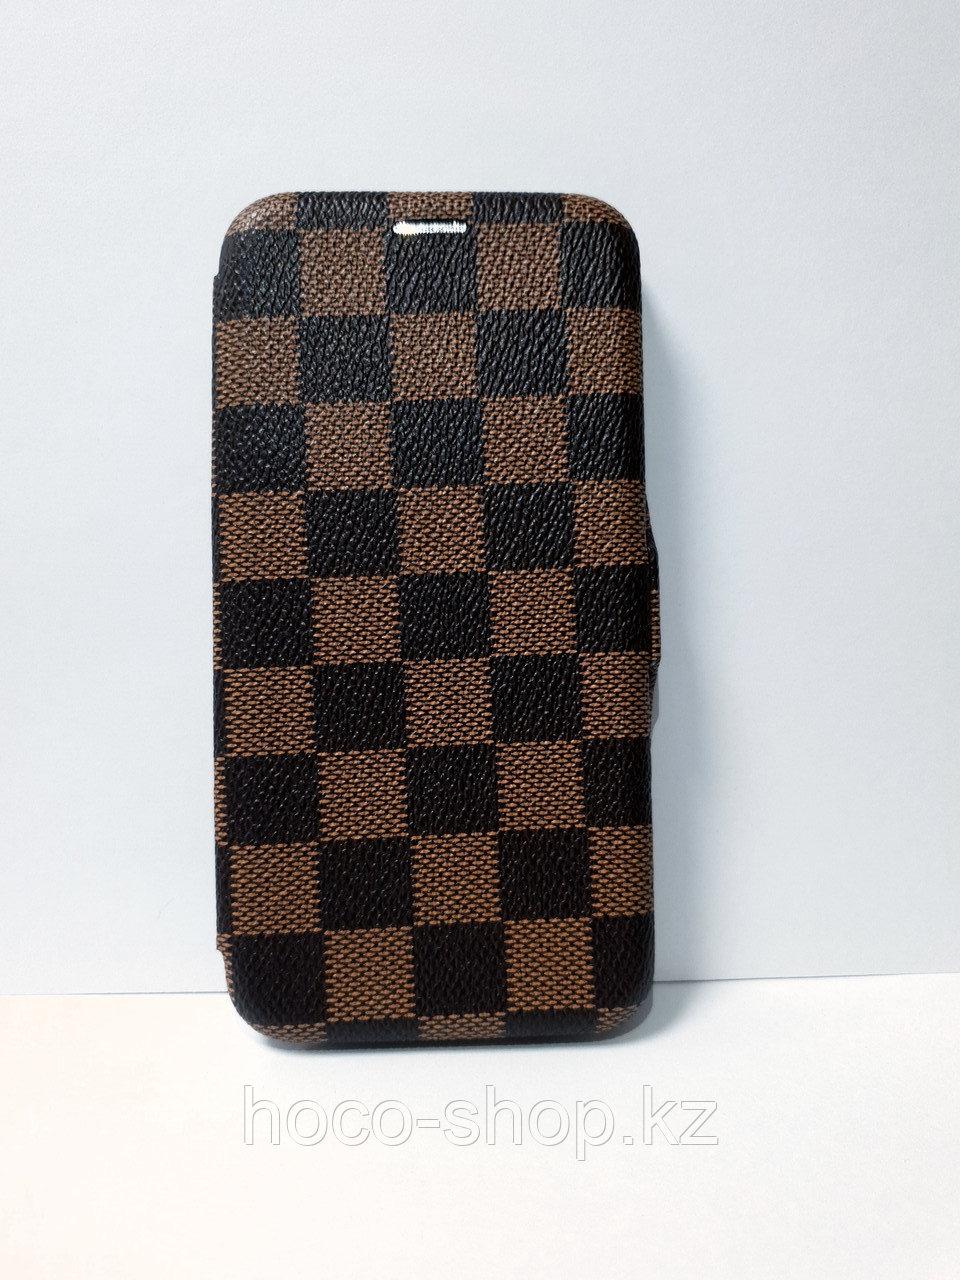 Кожаный чехол-книжка Louis Vuitton iPhone XR - фото 1